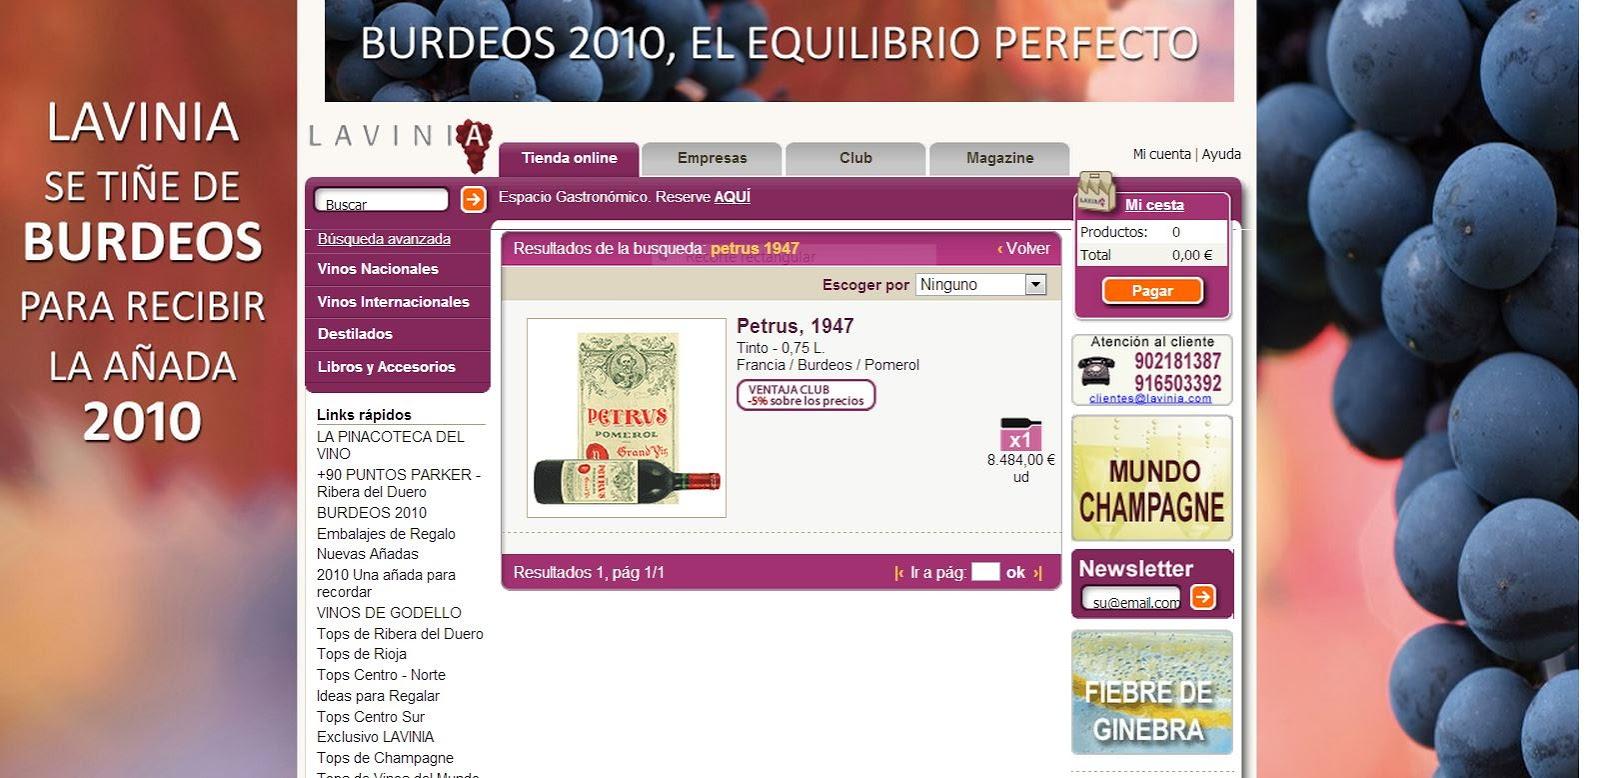 Web de lavinia.com - Petrus 1947